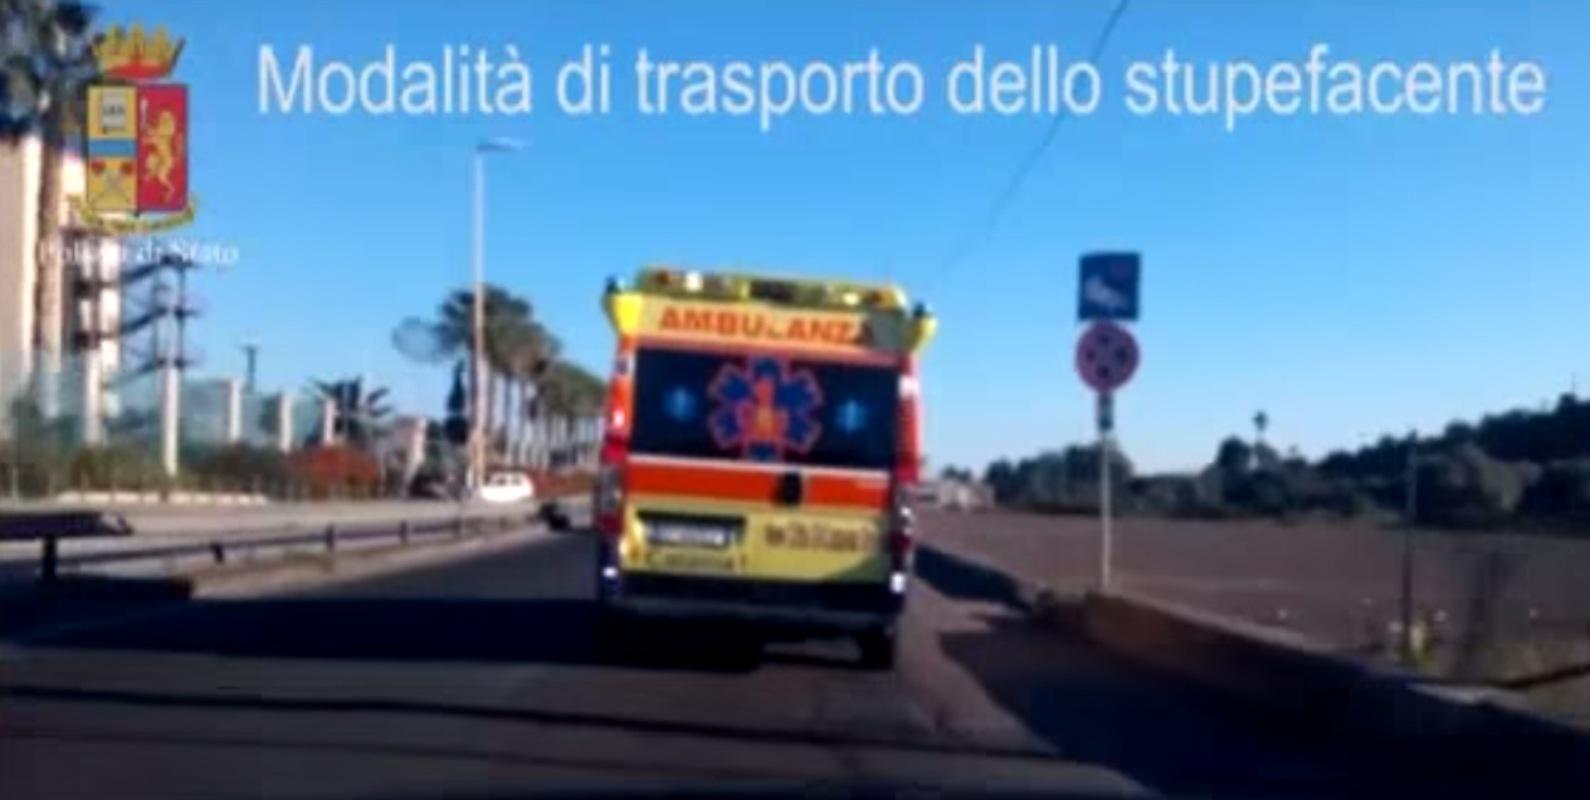 ambulanza-droga